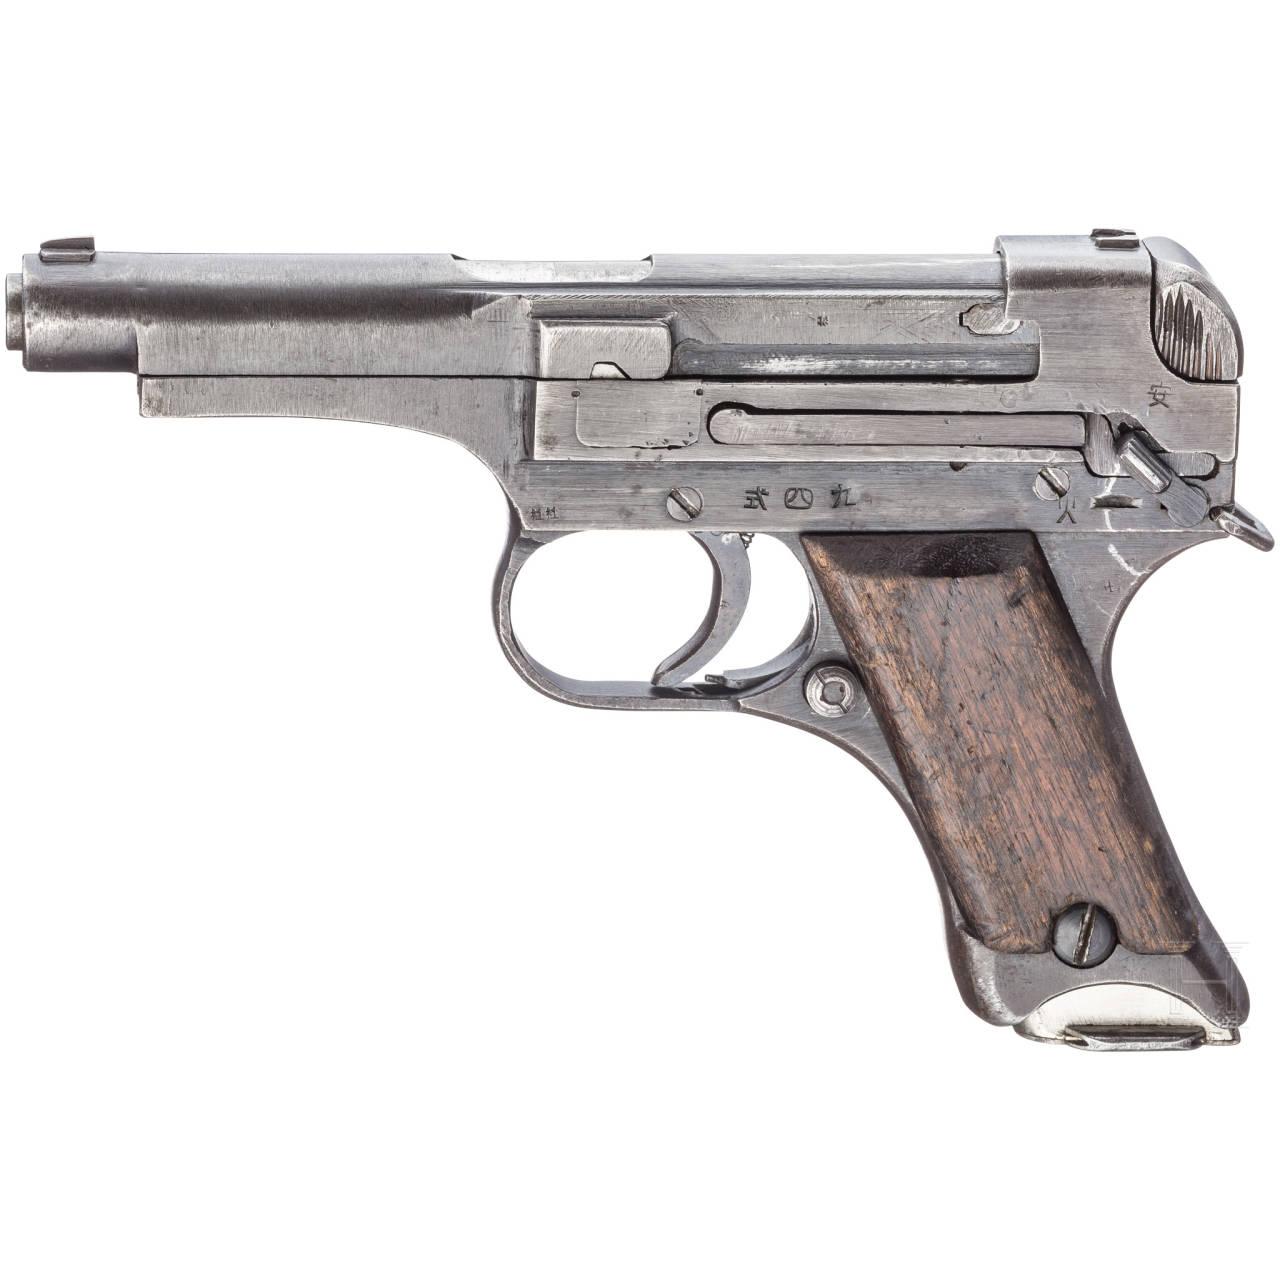 Nambu Typ 94, letzte Ausführung